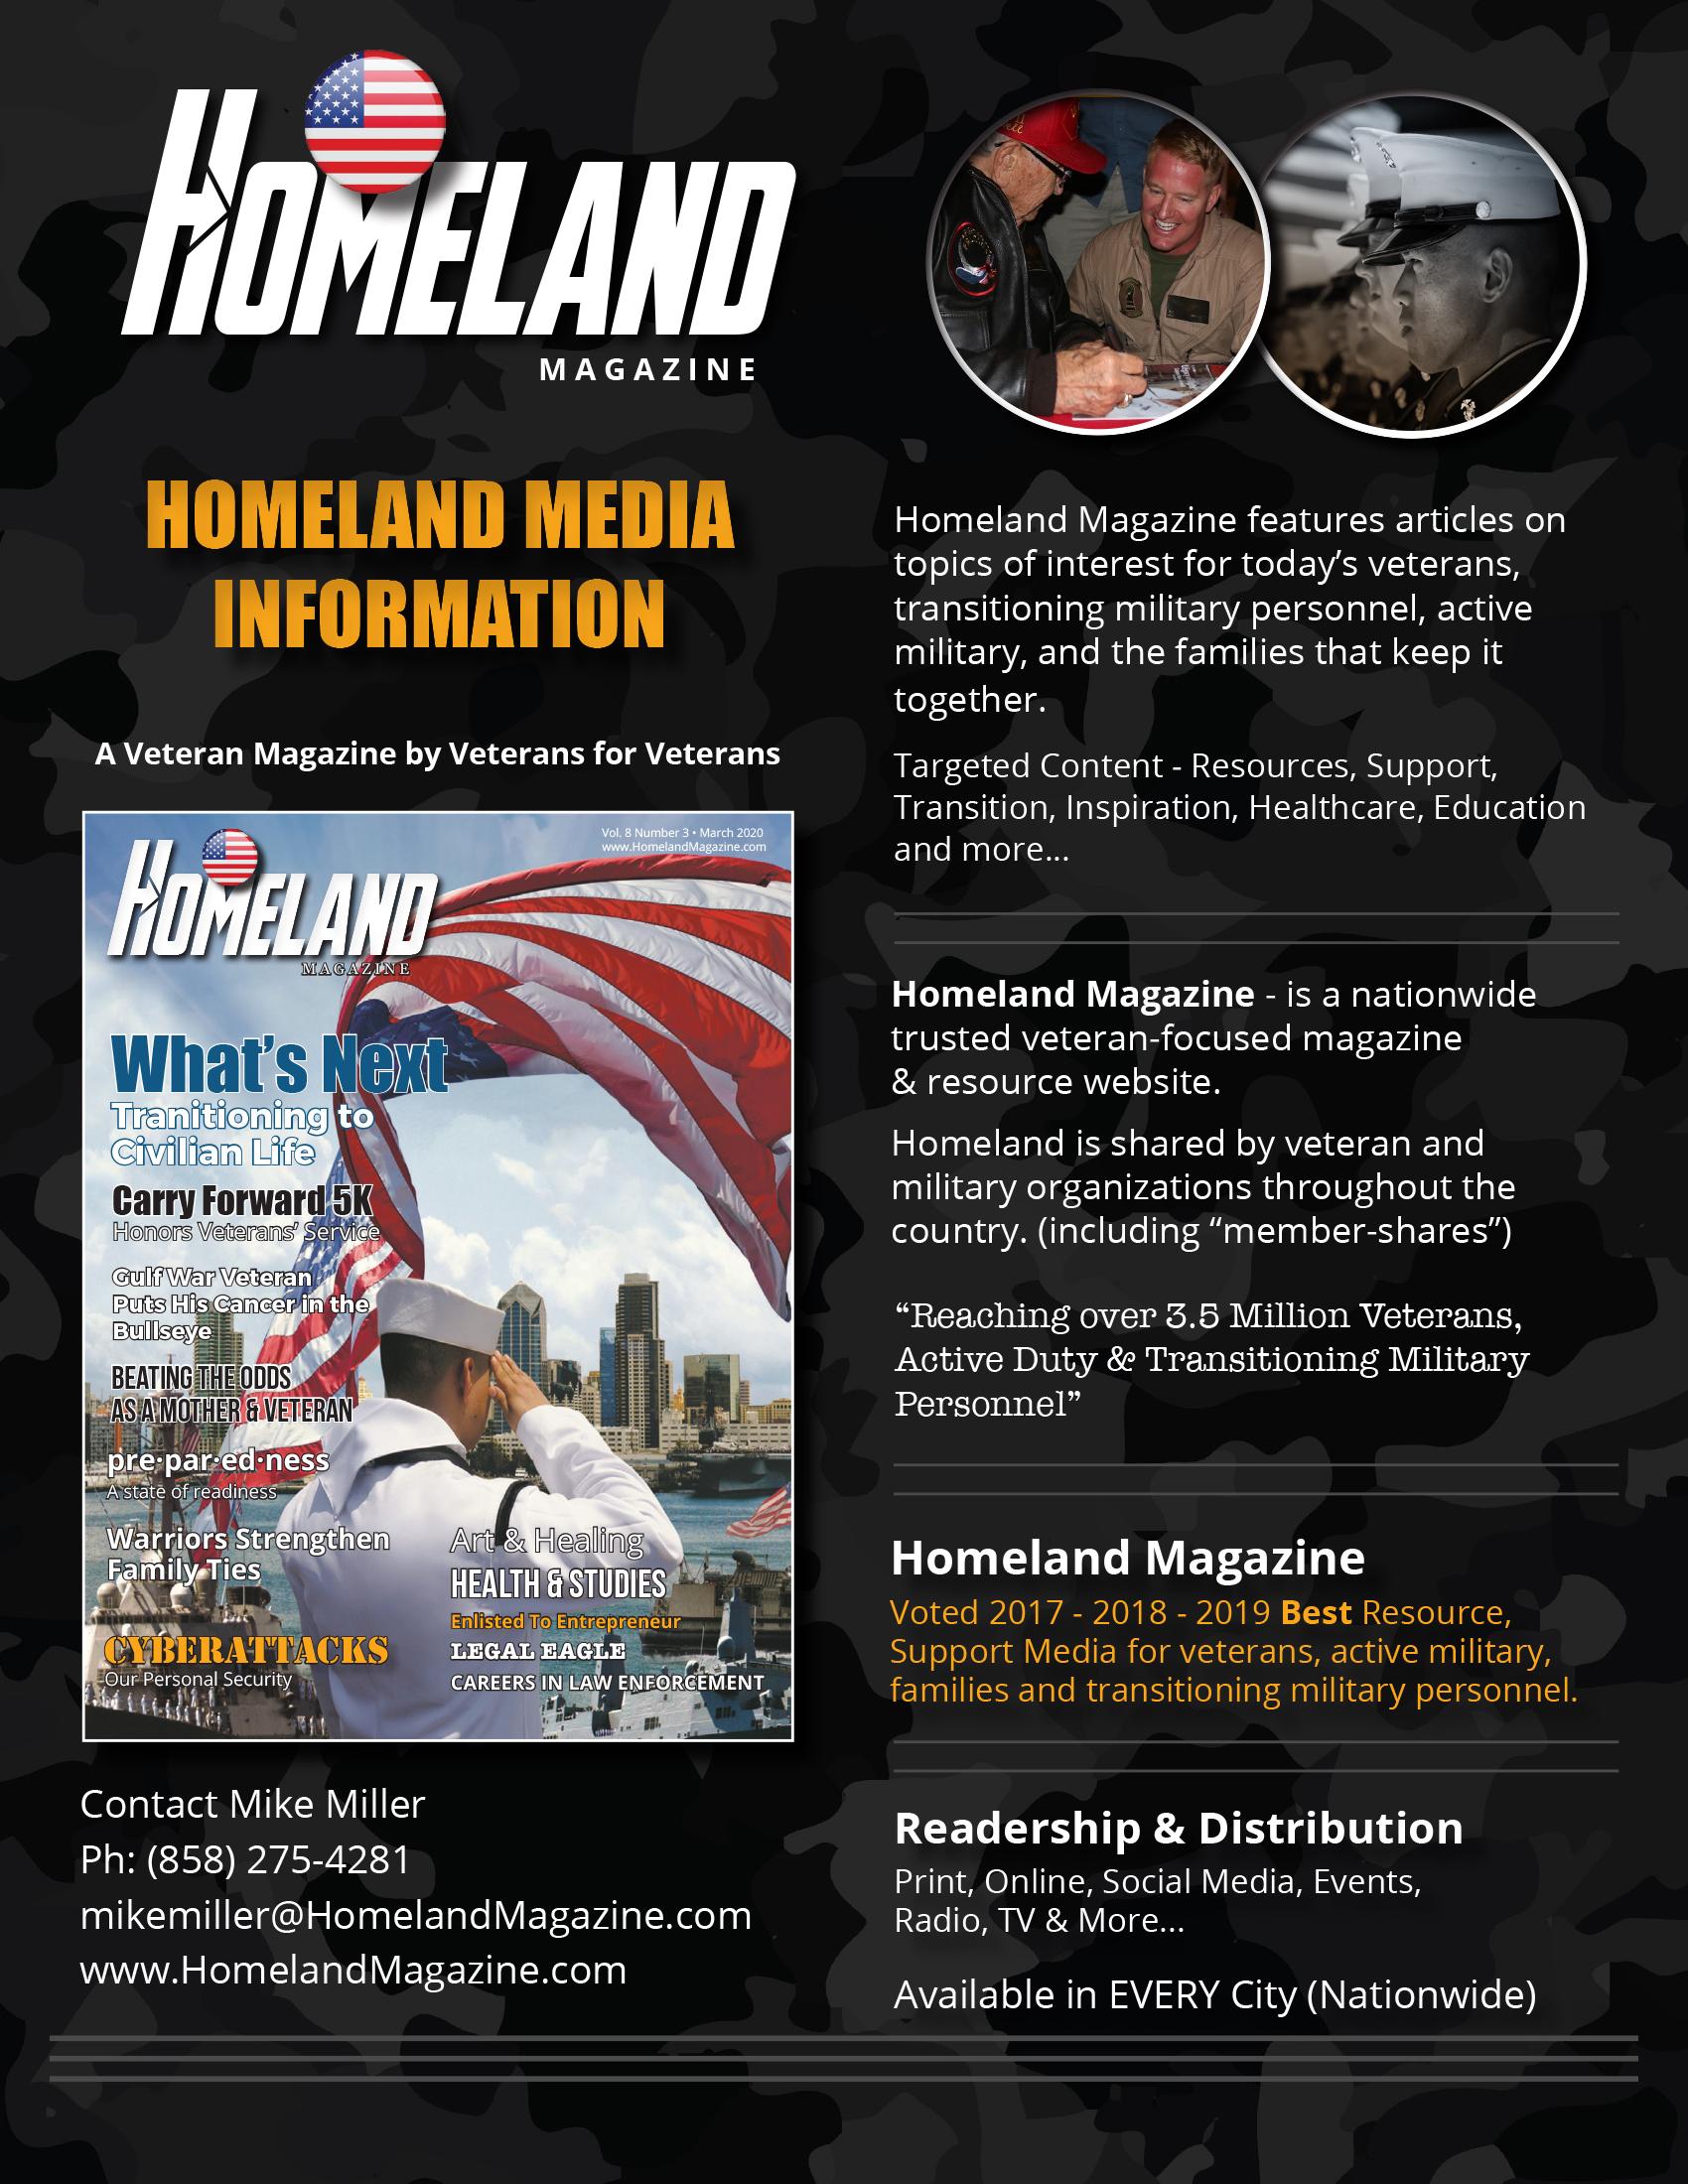 https://homelandmagazine.com/wp-content/uploads/2020/04/HLM-1.jpg